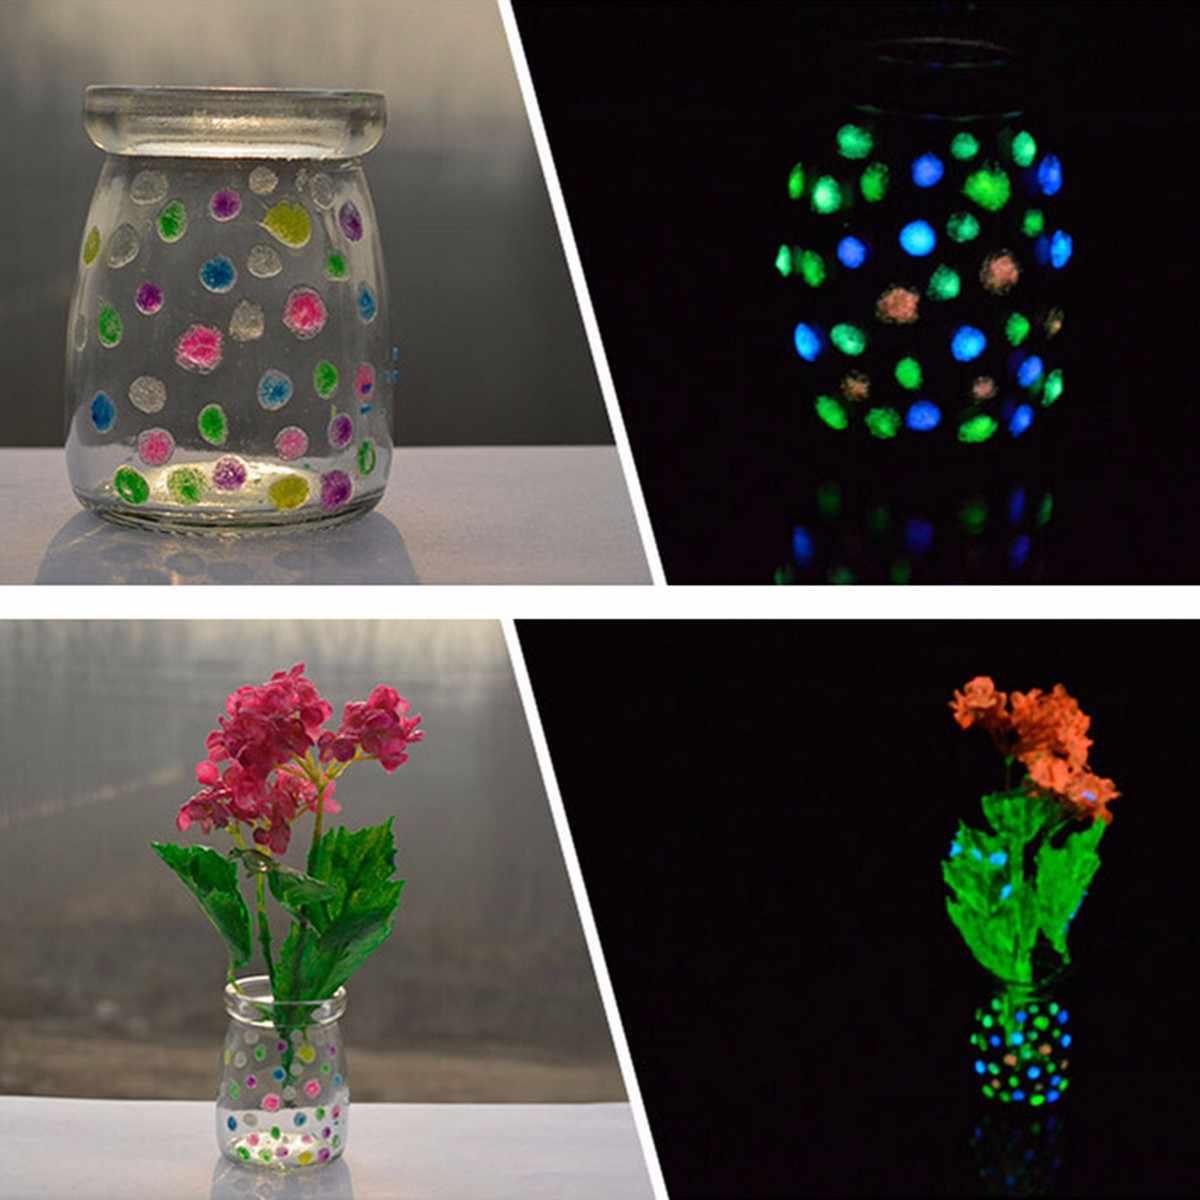 13 package/set фосфор светящийся порошок вечерние DIY декоративная картина печати случайные цвета ночного покрытия